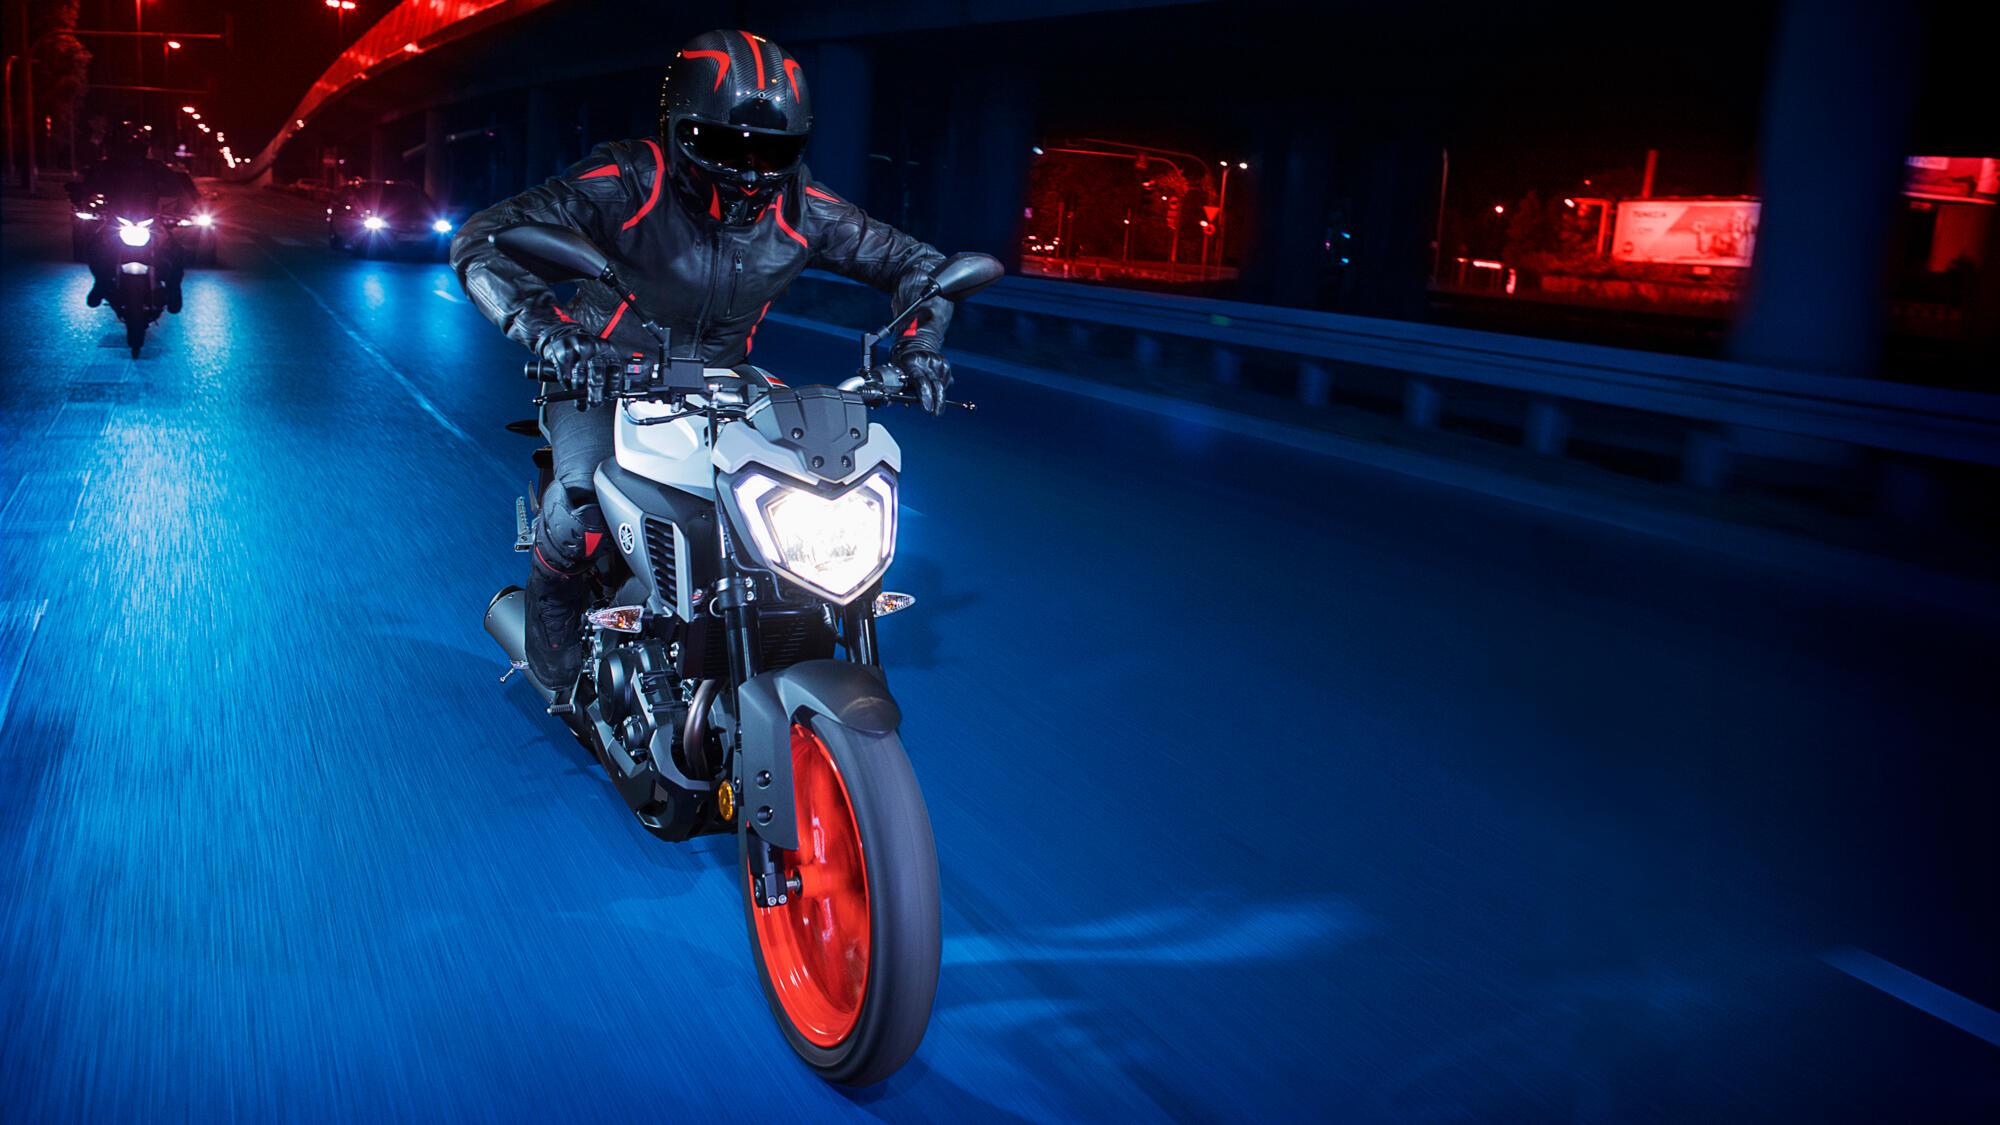 Mt 125 Motos Yamaha Motor